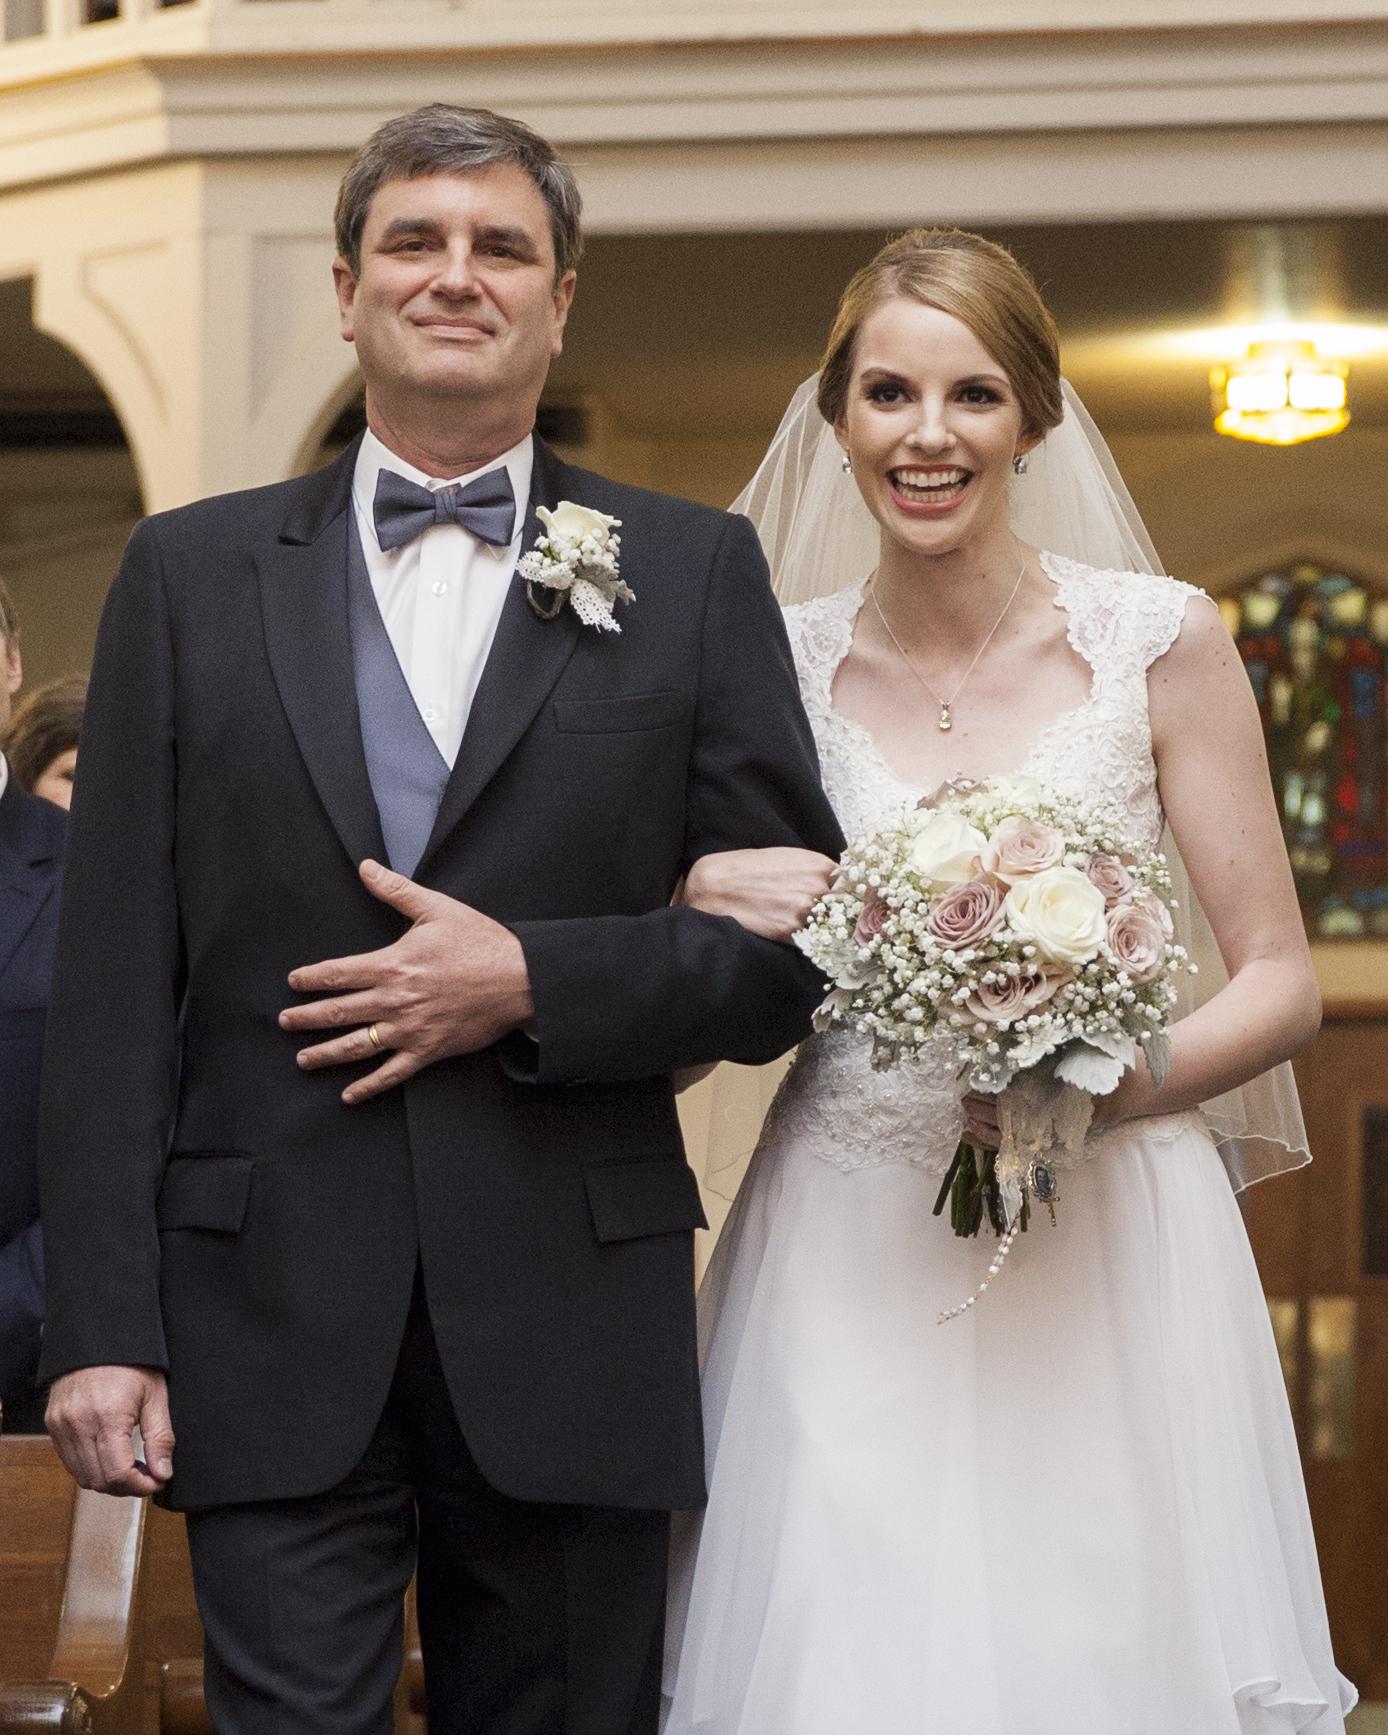 Kingwood wedding photographer